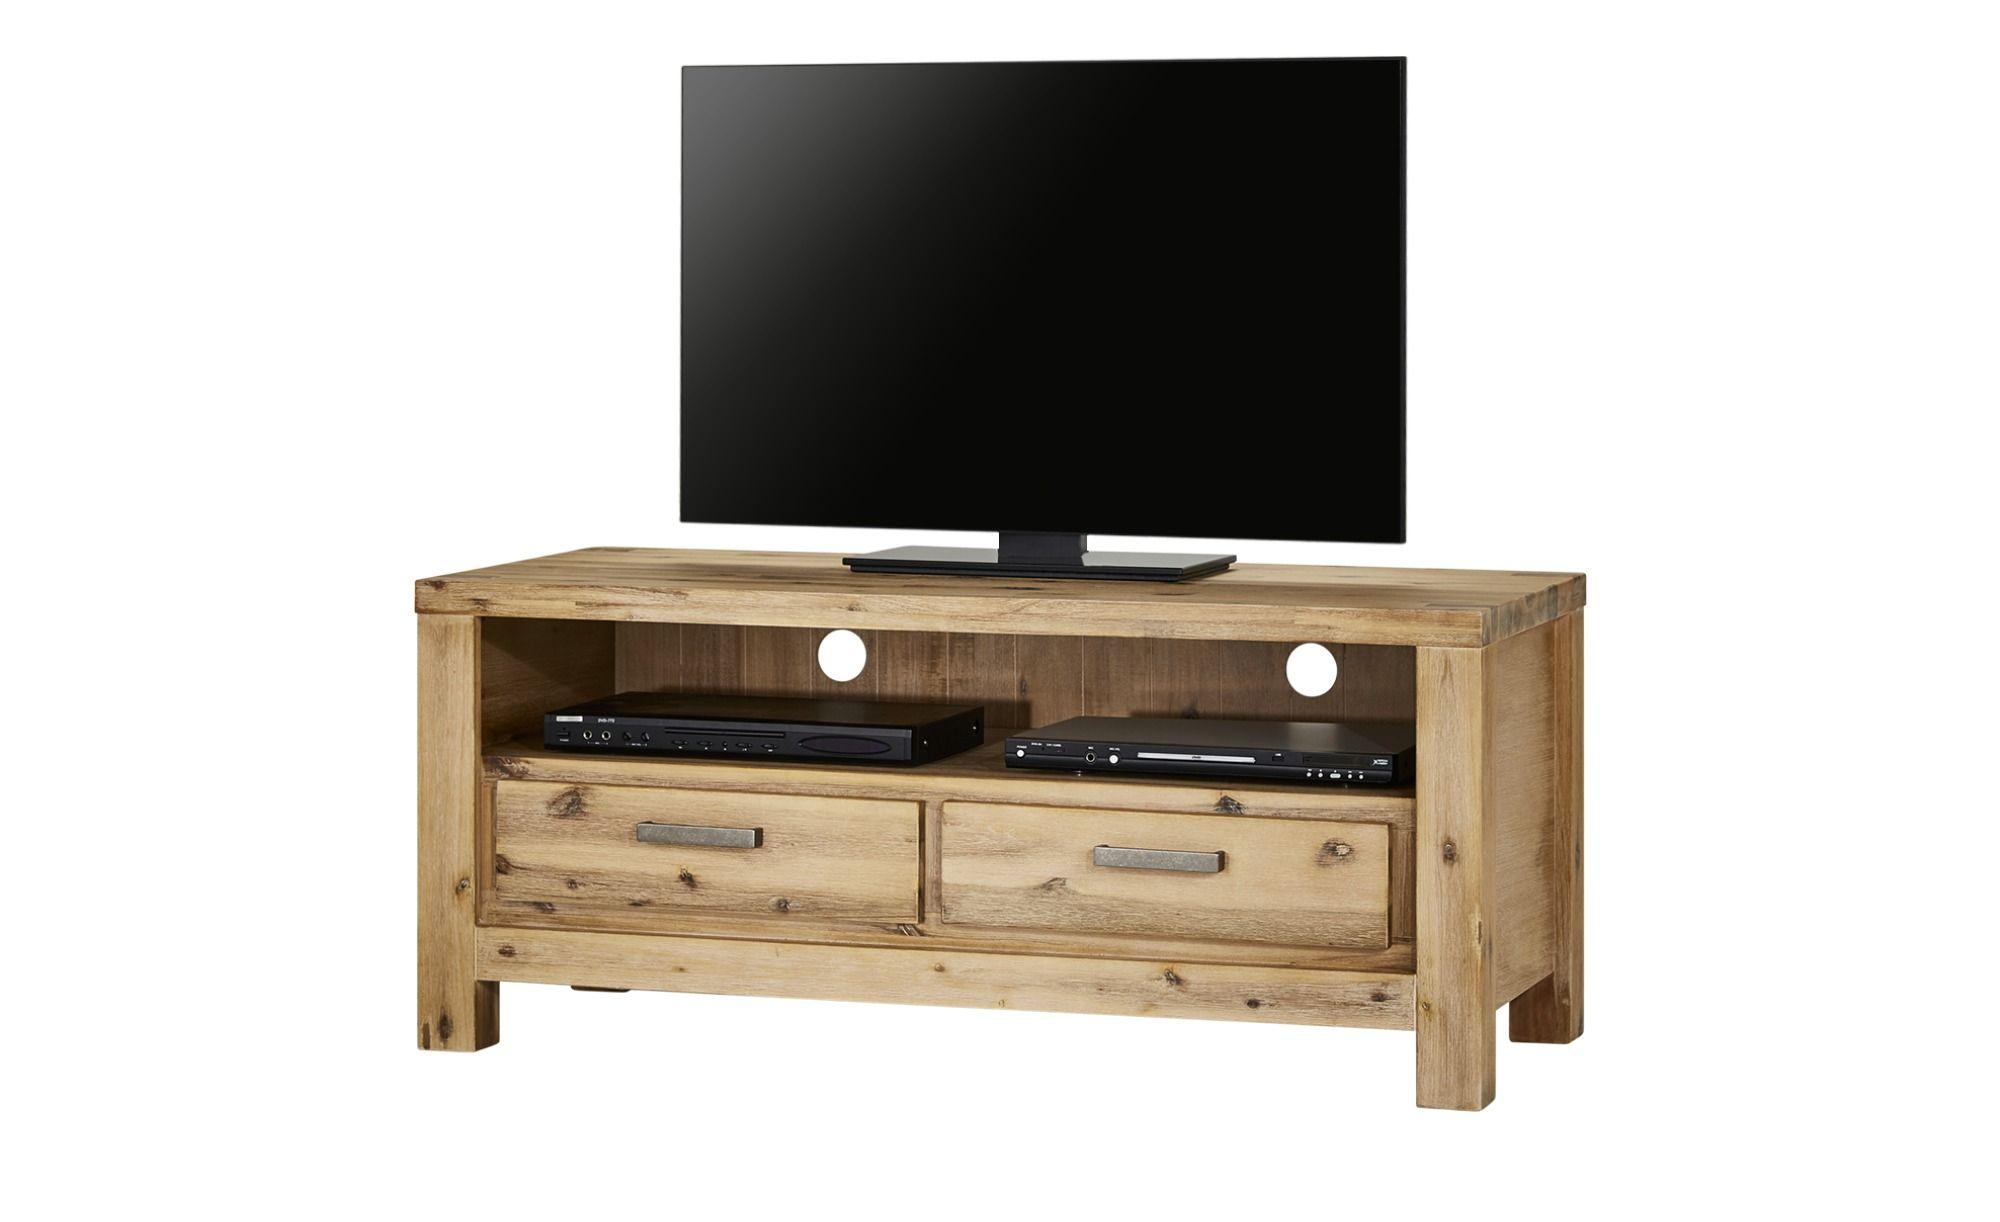 Tv Unterschrank Borneo Holzfarben Masse Cm B 120 H 52 T